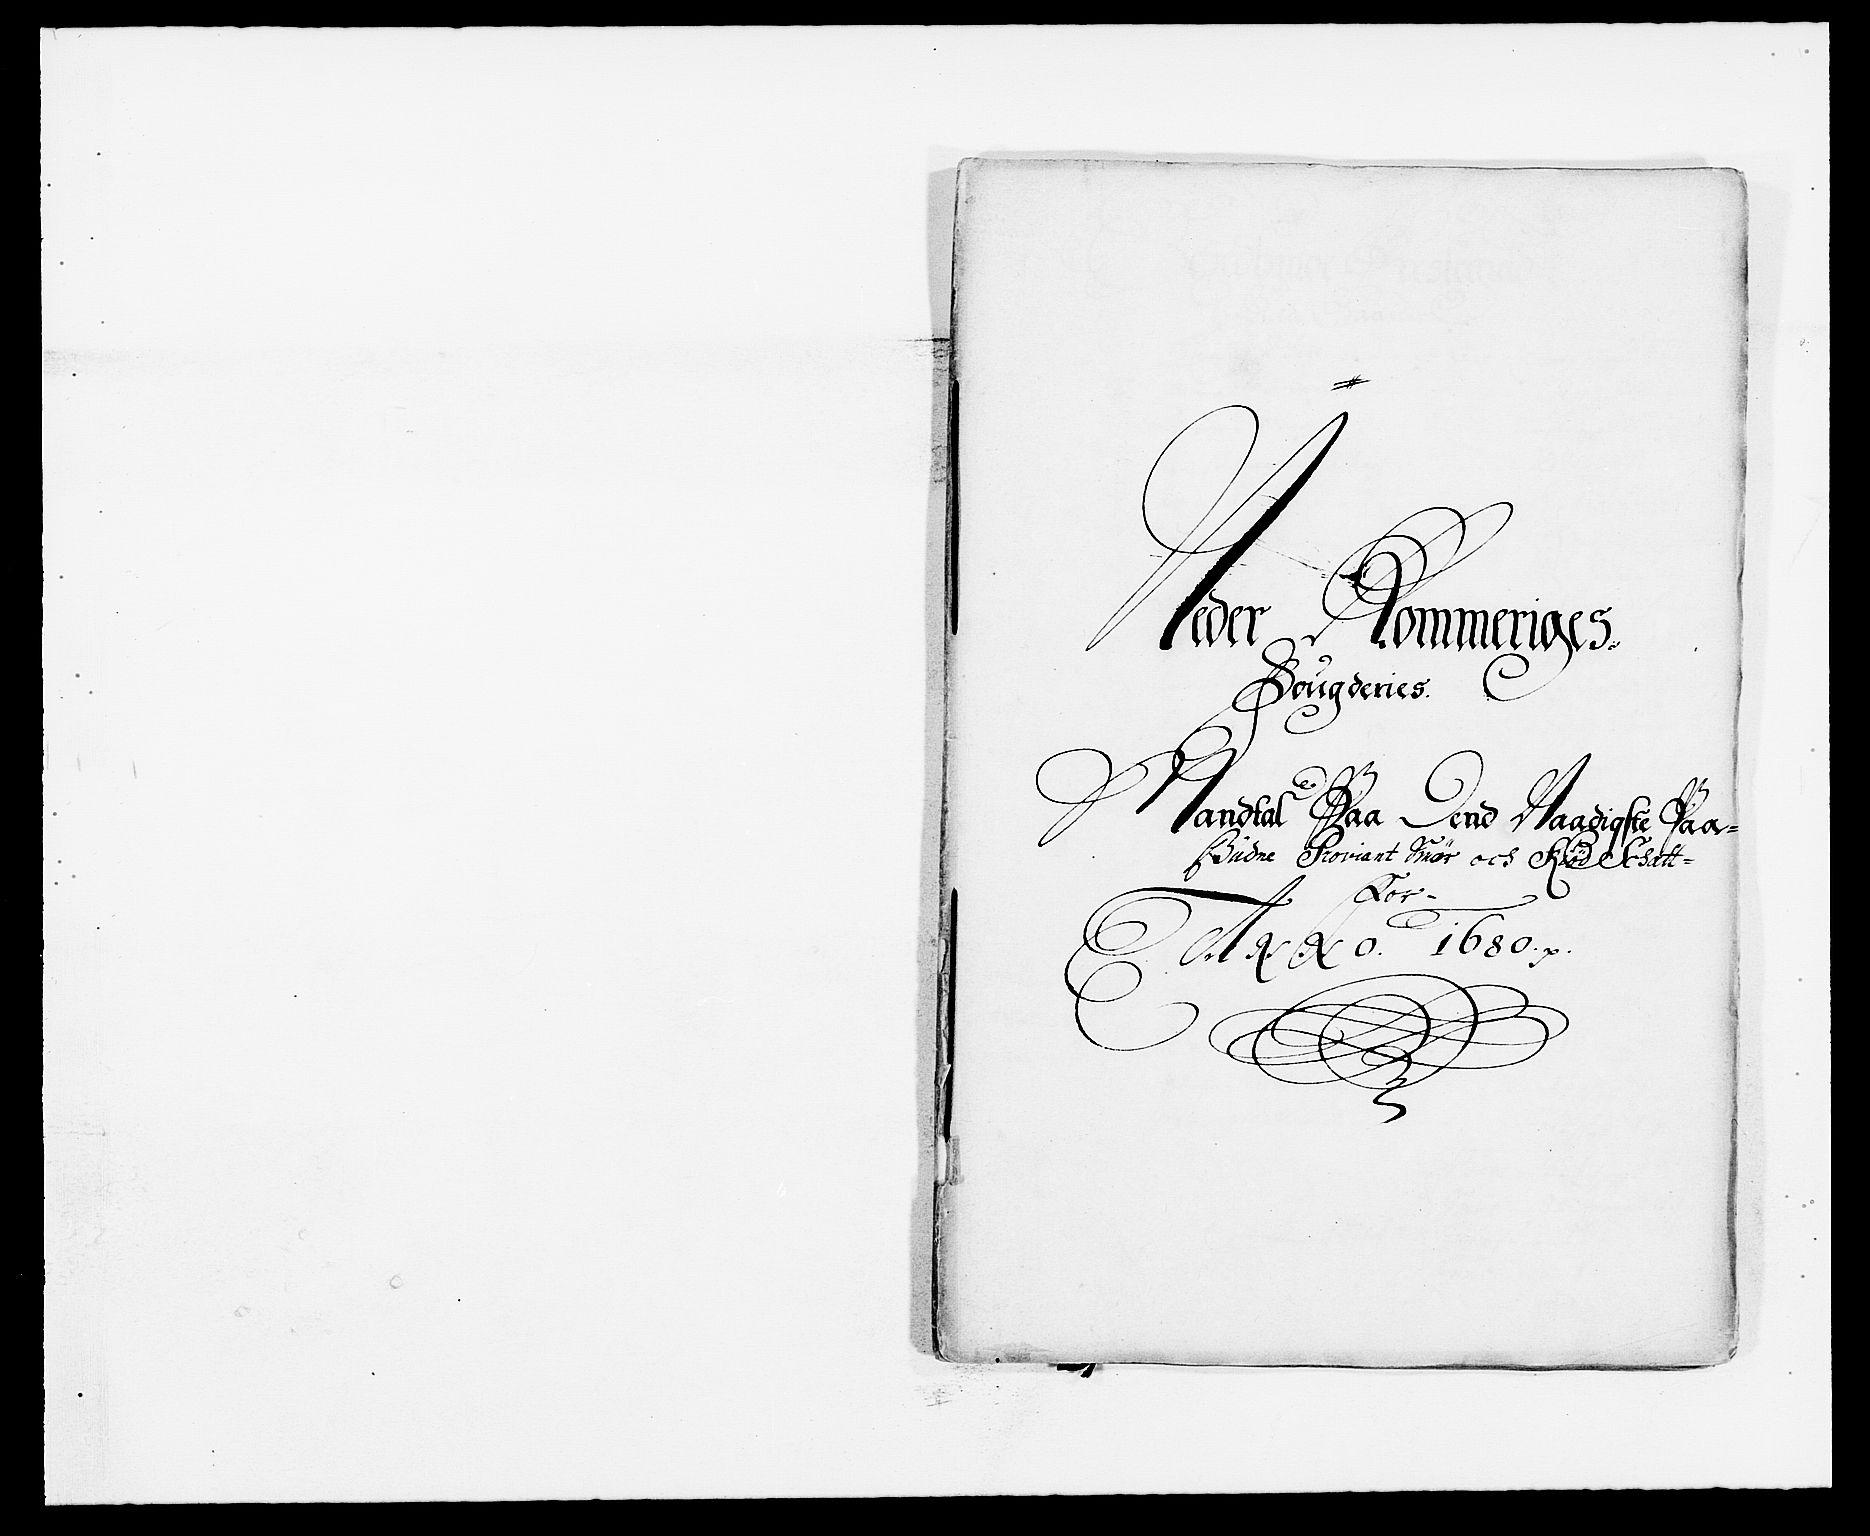 RA, Rentekammeret inntil 1814, Reviderte regnskaper, Fogderegnskap, R11/L0569: Fogderegnskap Nedre Romerike, 1680-1681, s. 143